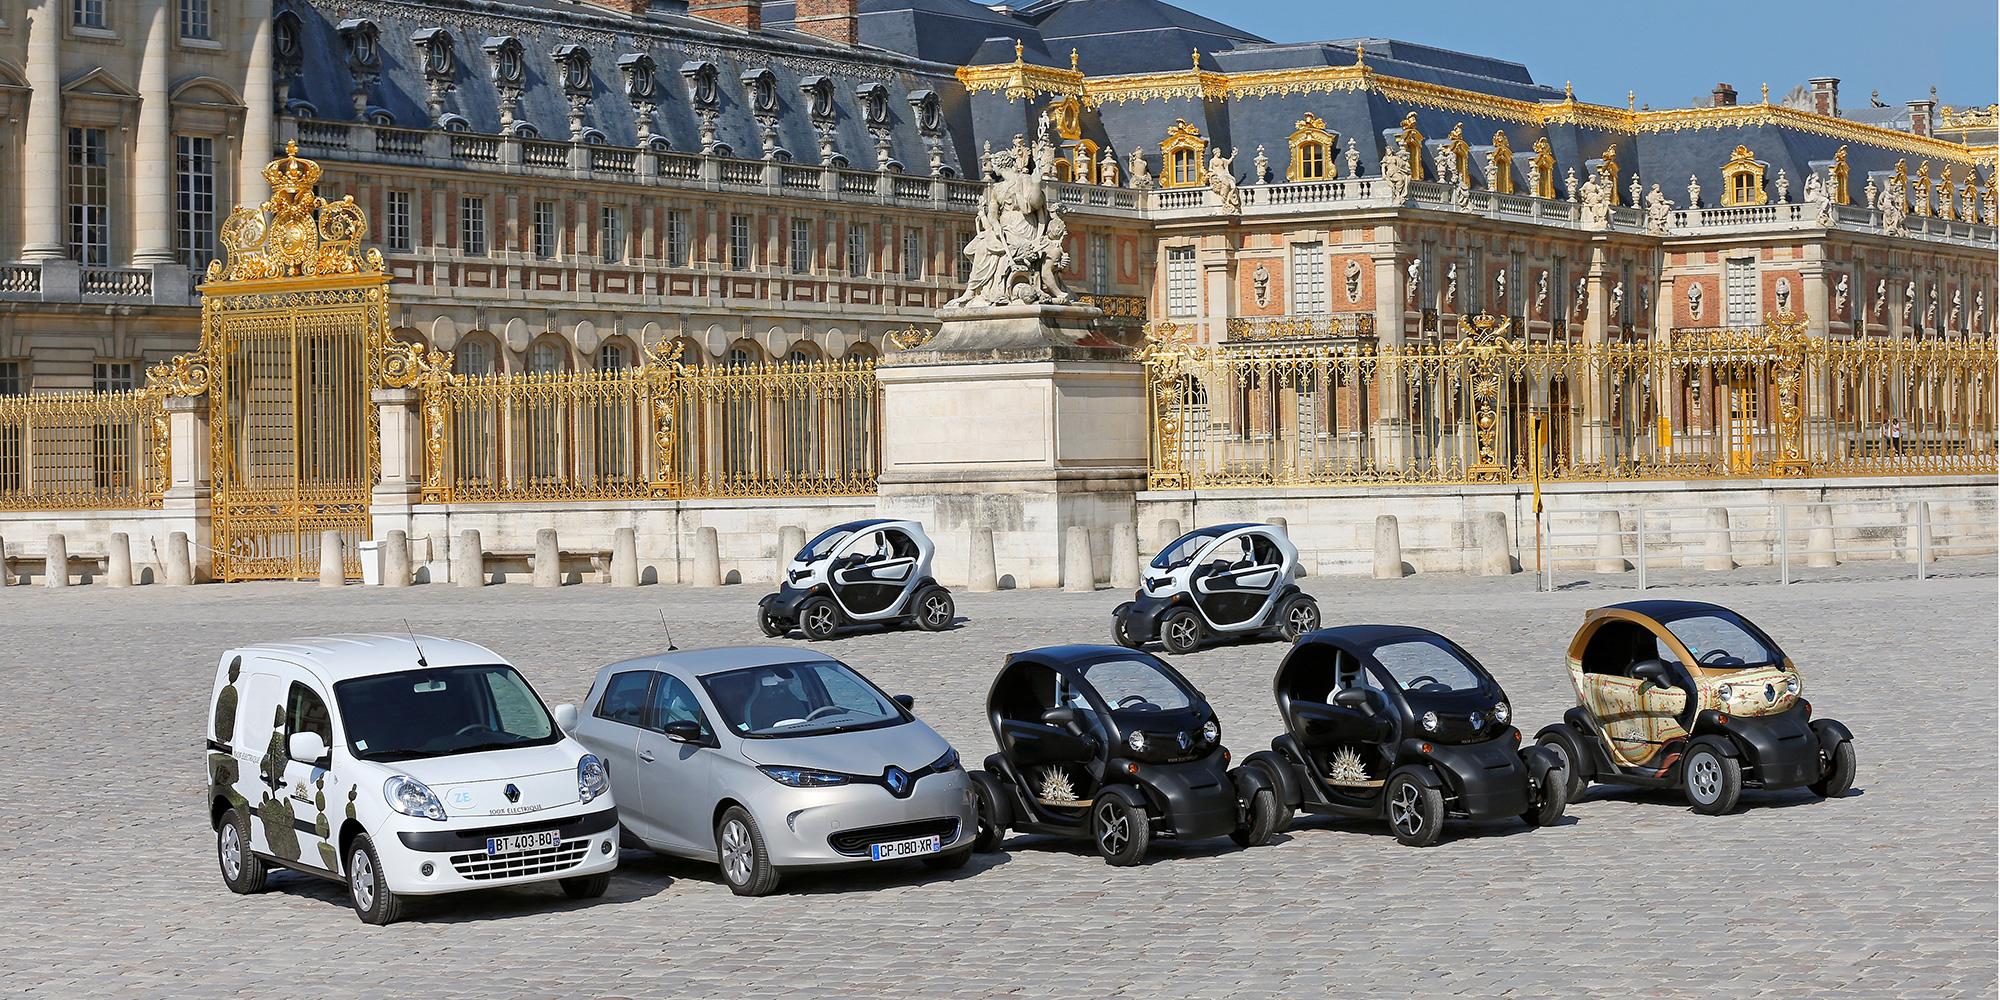 umweltfreundliche E-Fahrzeug am Schloss von Versailles